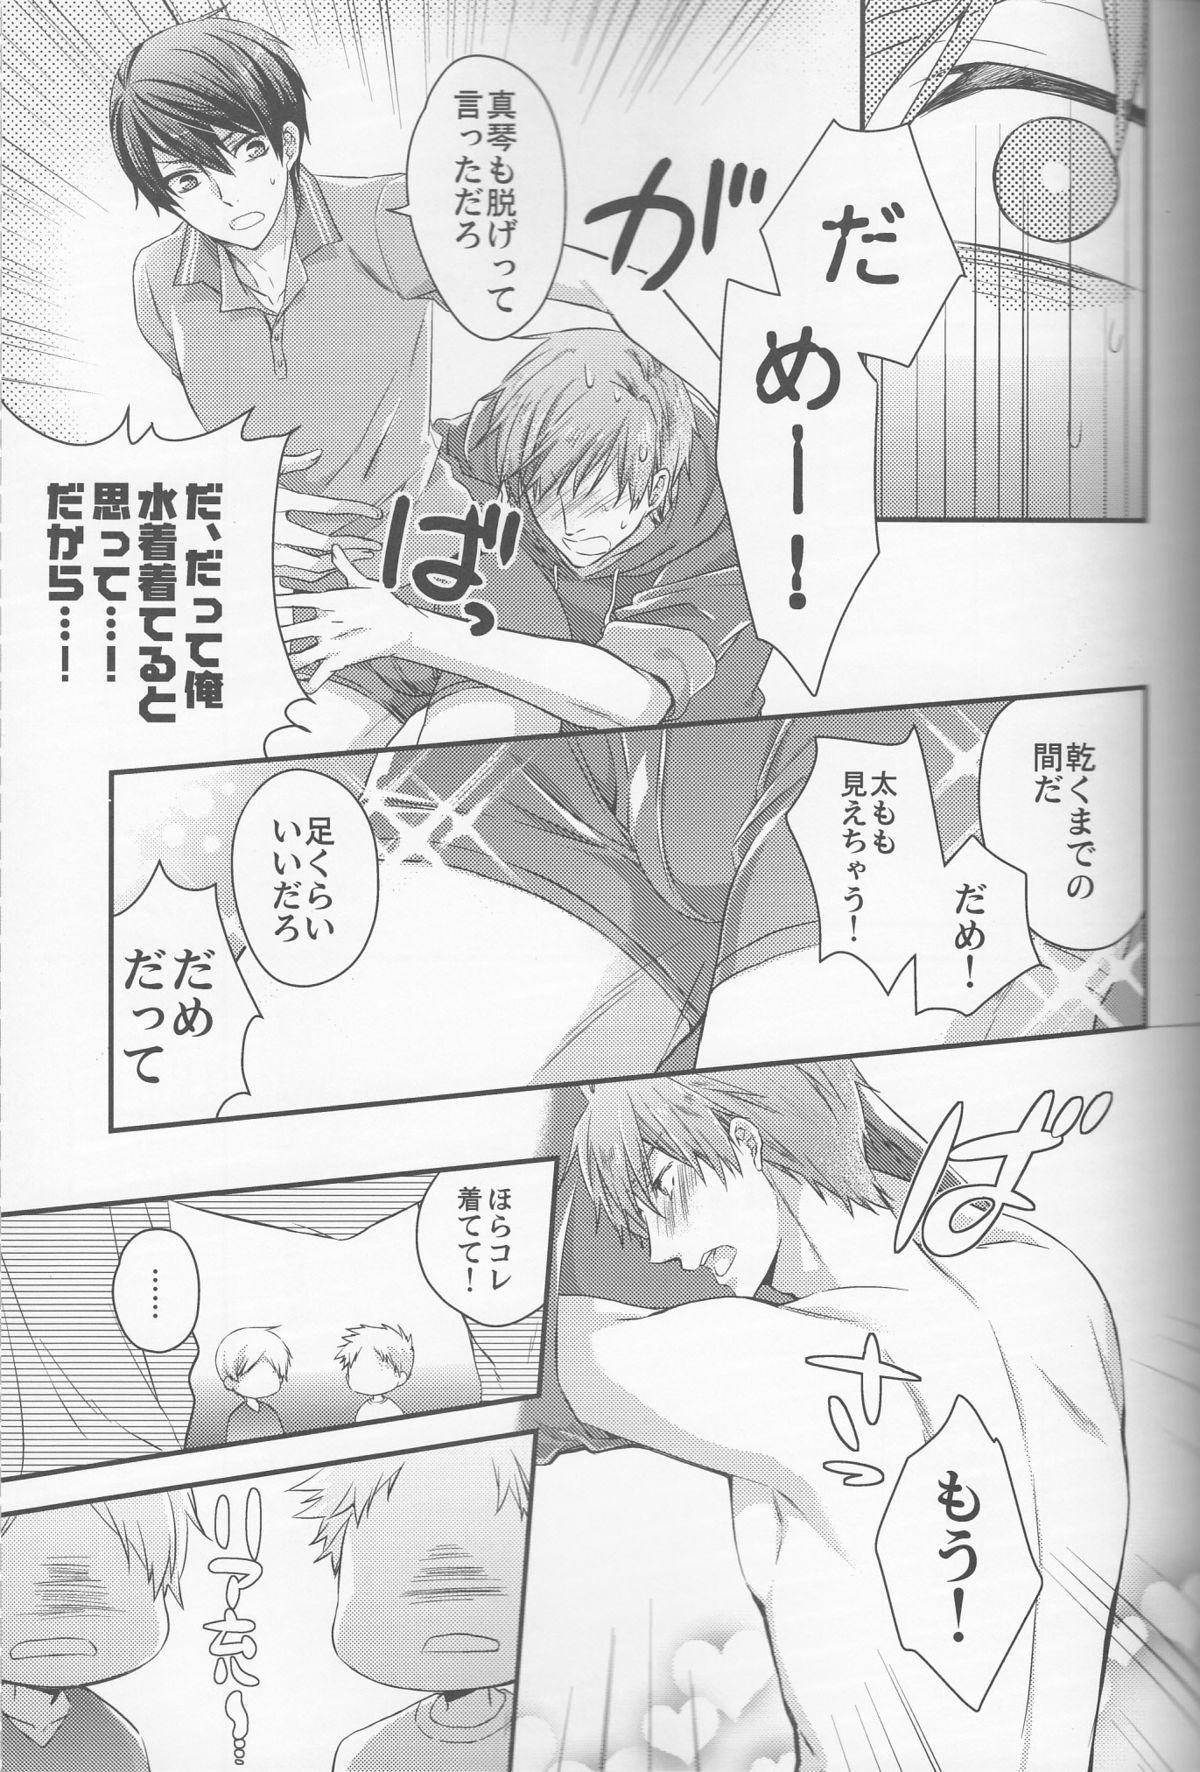 Hajimemashite Yome desu. 14